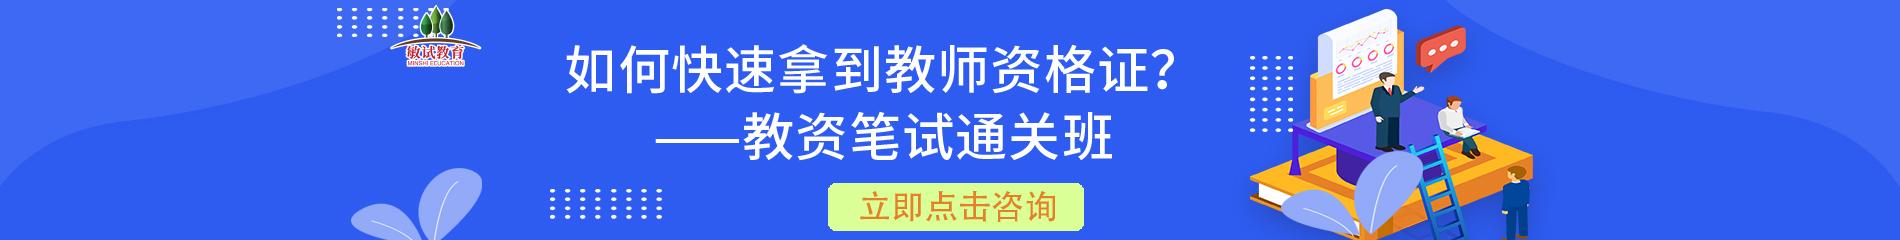 敏试教育-广东教师资格证网为考生提供教师资格证考试培训班